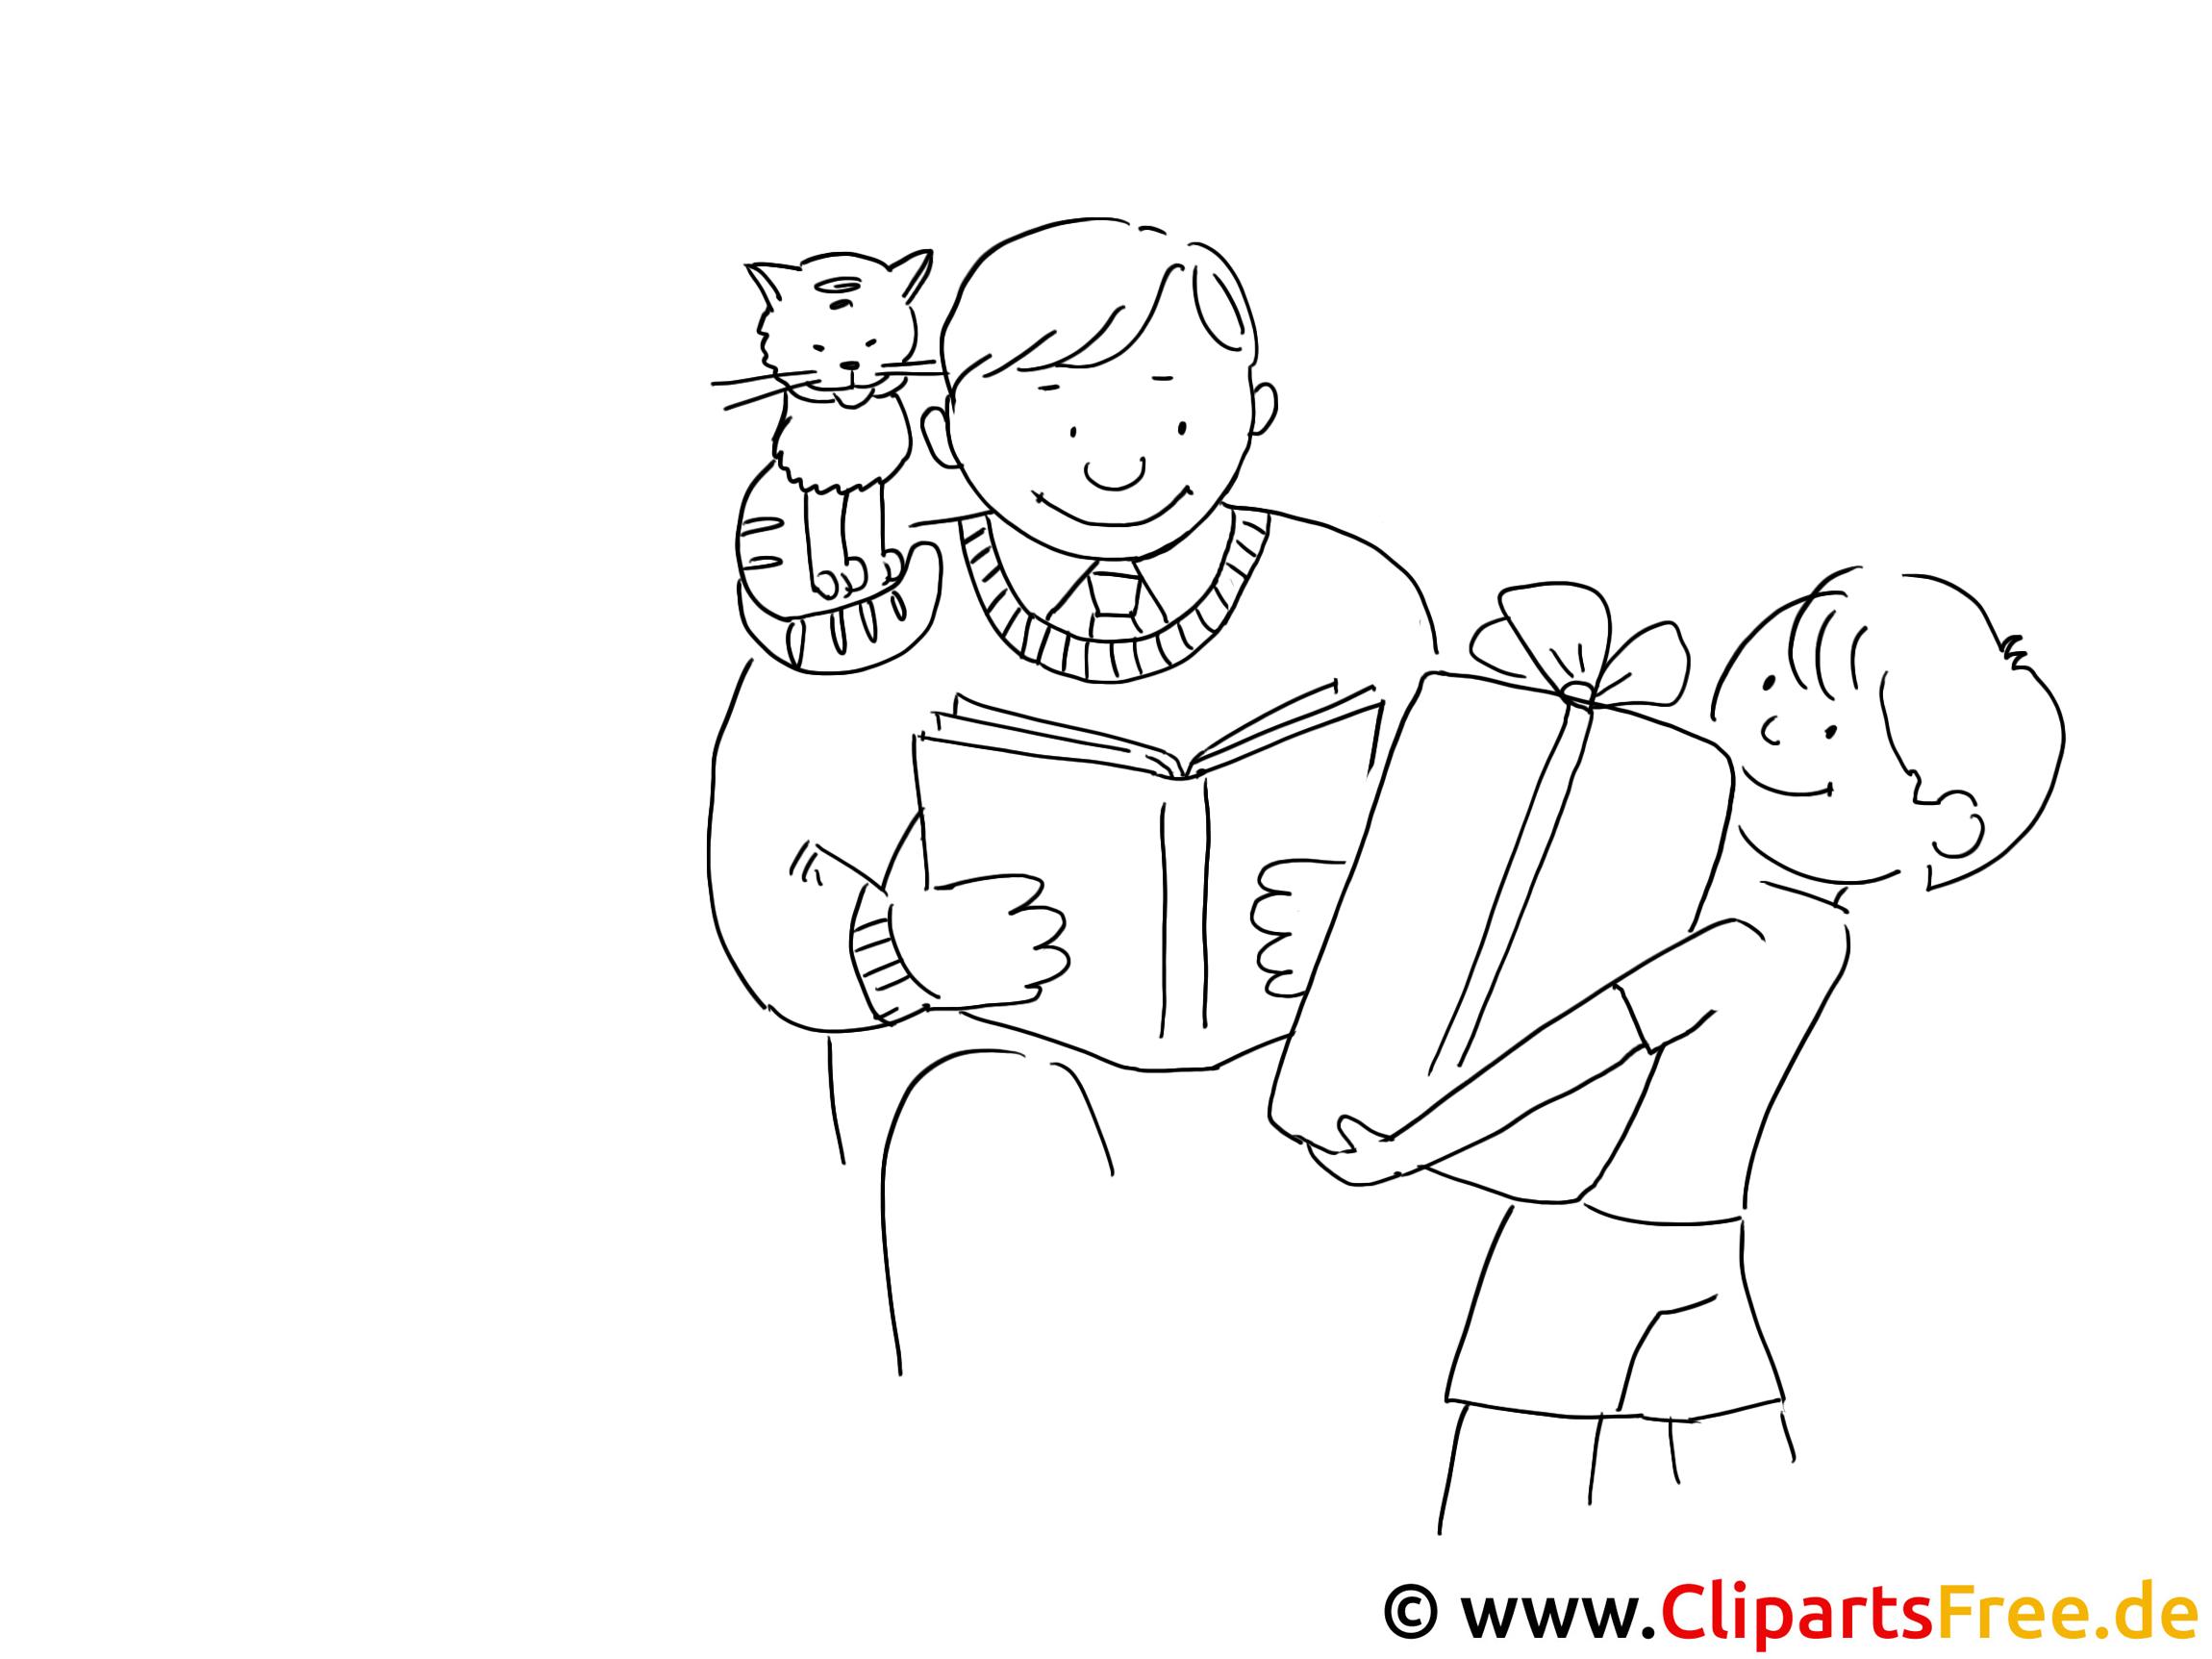 Ausmalbilder Tiere Geburtstag : Tolle Alles Gute Zum Geburtstag Karten Malvorlagen Ideen